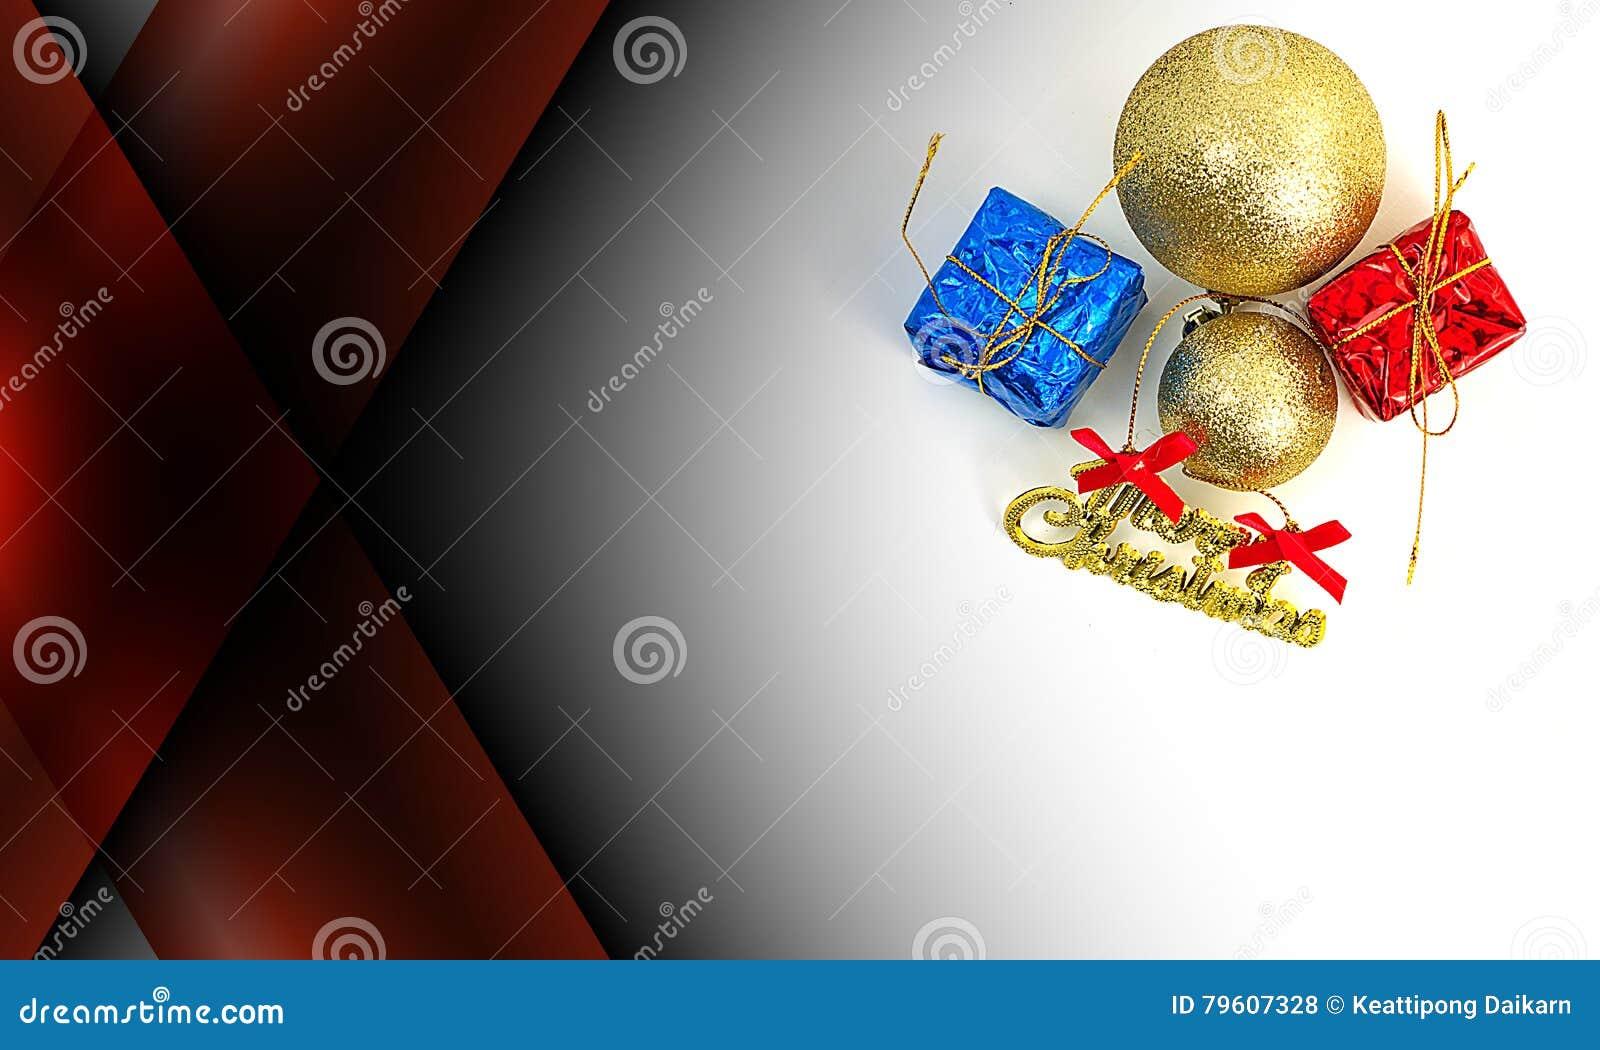 Abstracte donkerrode kleurenachtergrond met Kerstmisdecoratie